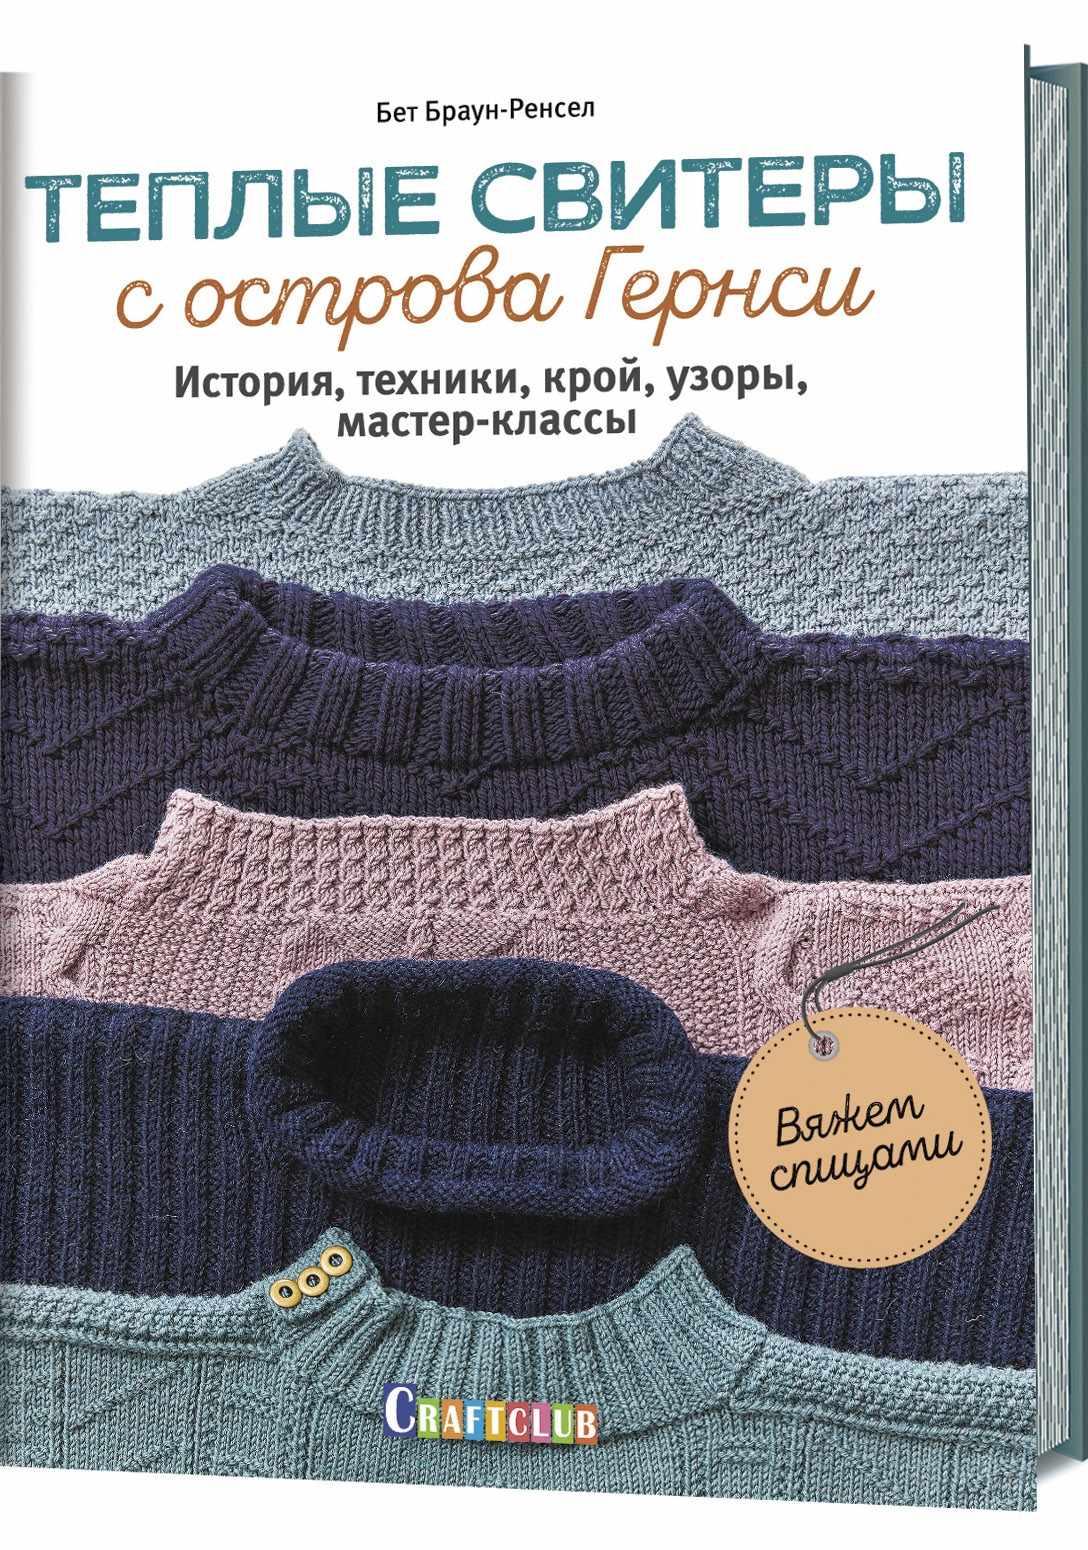 Теплые свитера с острова Гернси. История, техники, крой, узоры, мастер-классы, вяжем спицами.